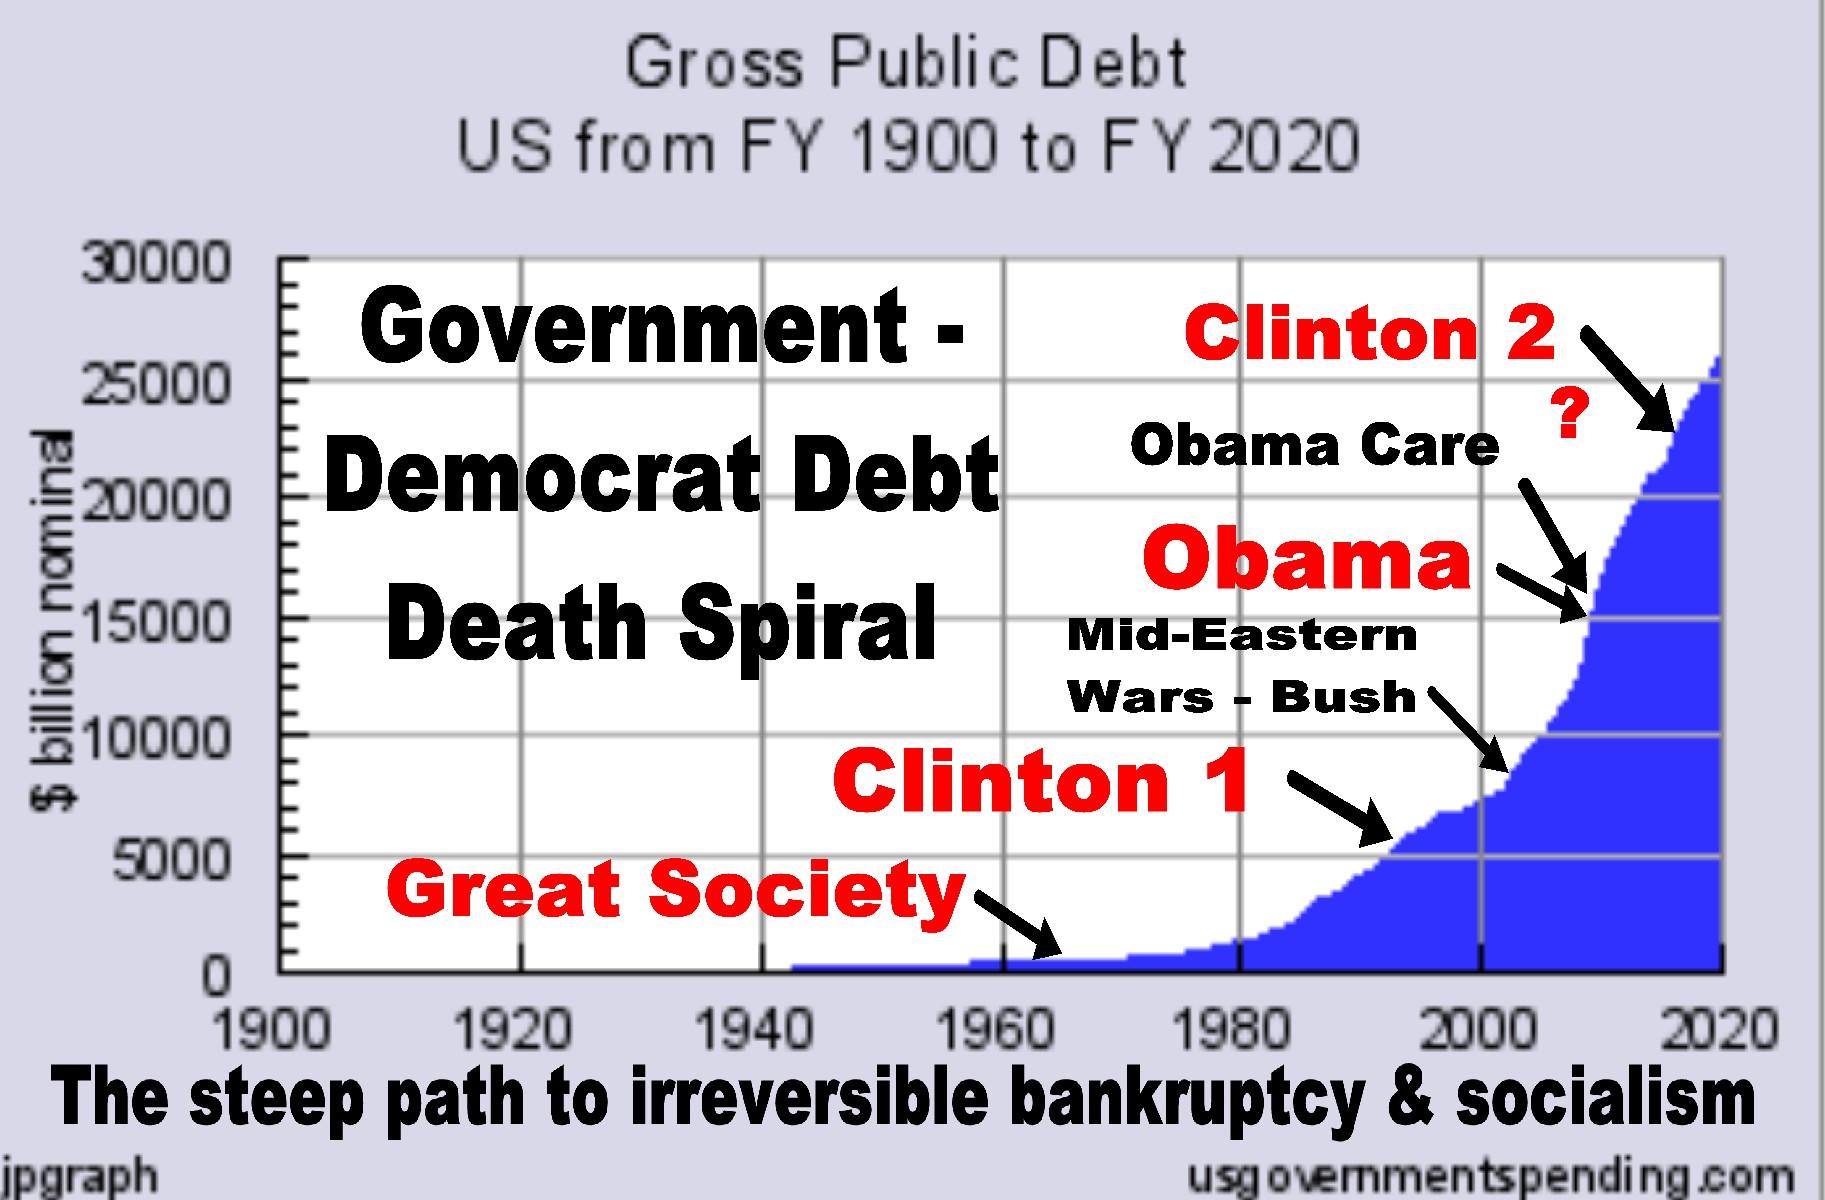 Debt Death Spiral=